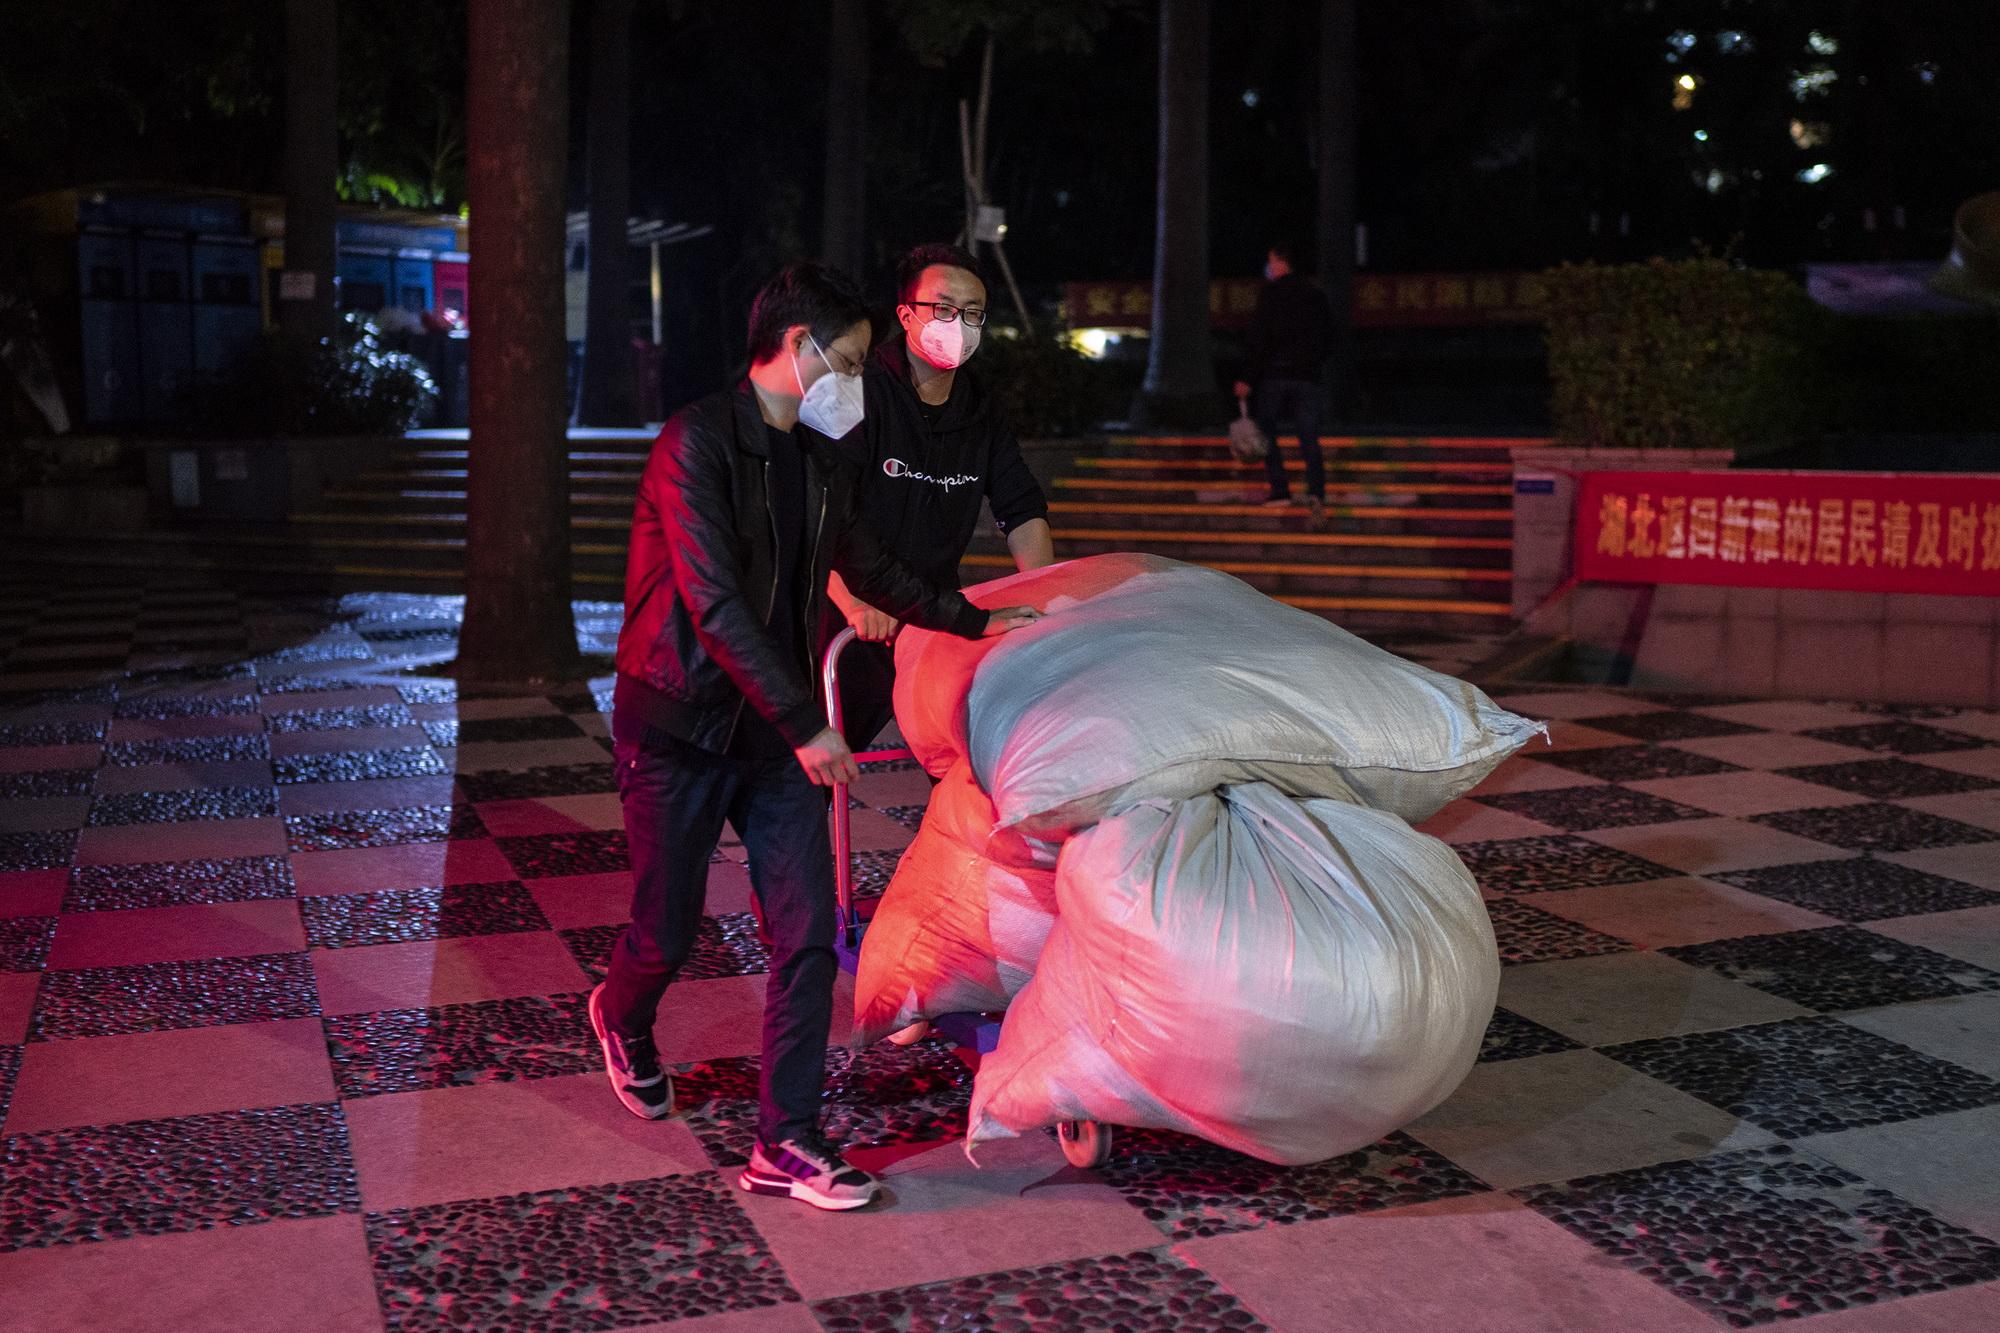 2020年2月20日,王体能和江帆戴上口罩,拉着小推车,把包裹送上物流车。